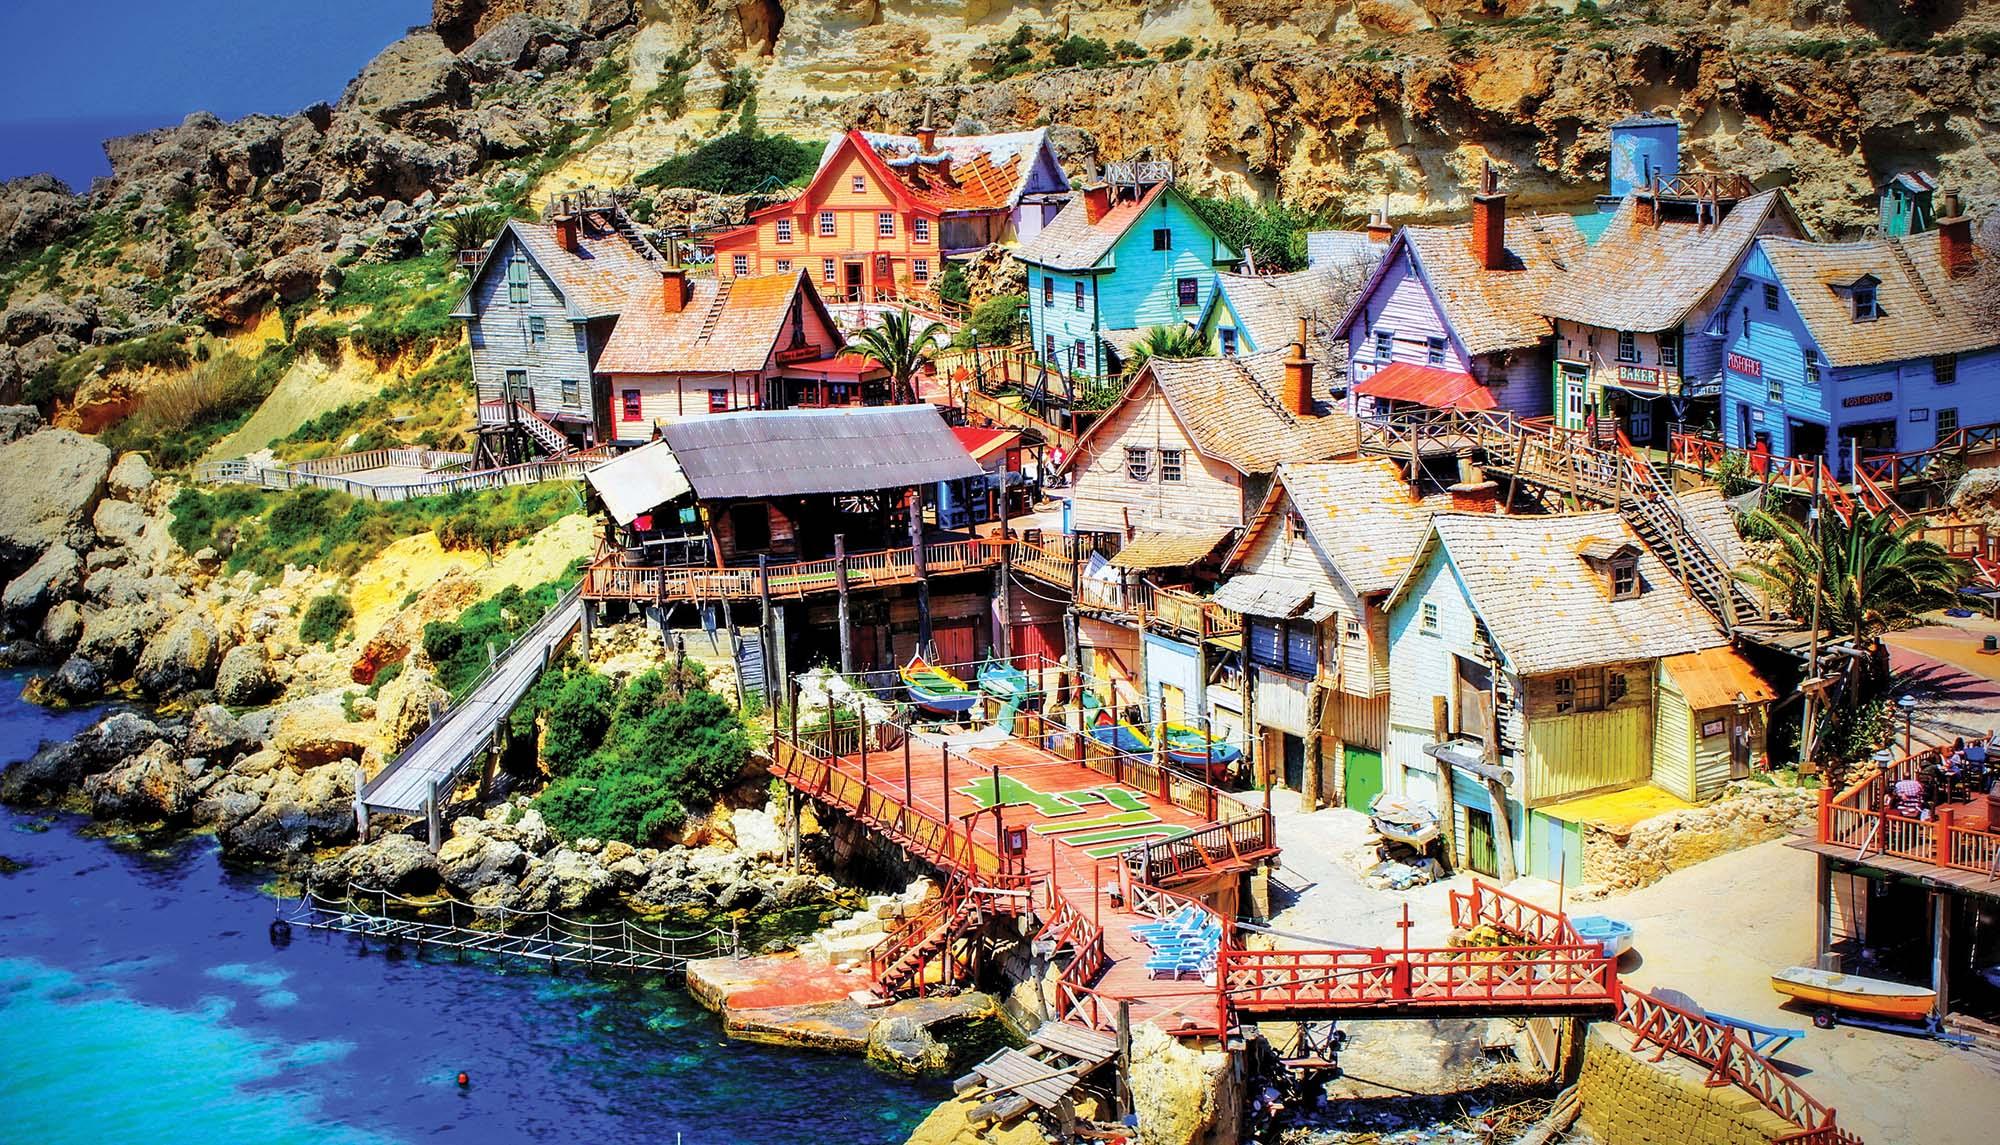 Popeye Village Селище моряка Папая, де знімали відомий мюзикл і мультфільм – ідеальне місце для сімей з дітьми. Збудоване 35 років тому на березі мальовничої бухти з пляжем, селище і реквізити зараз виглядають казково!